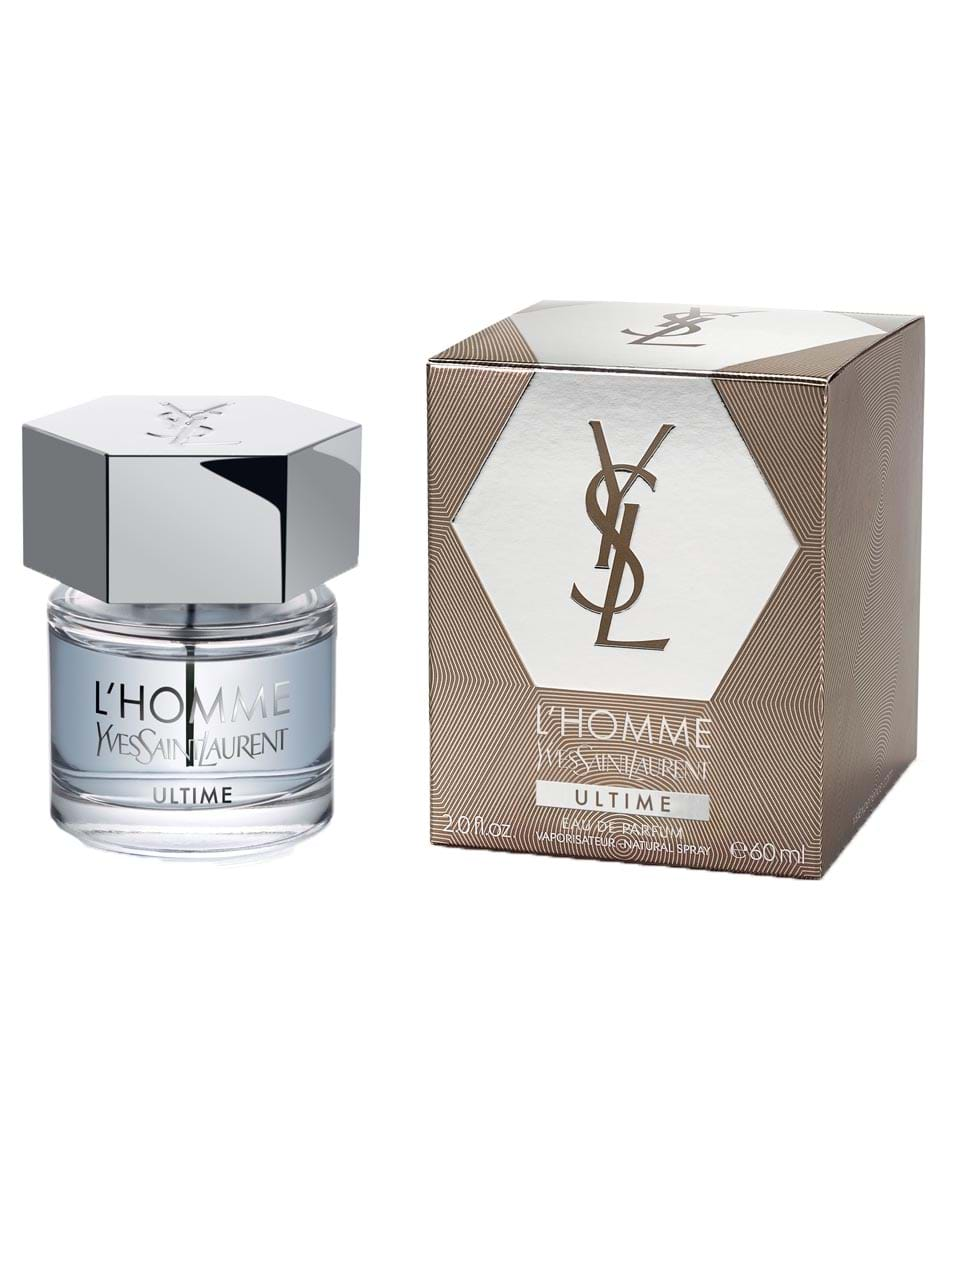 Parfum Saint Eau L'homme Ultime De Laurent Yves 60 Ml ym0wvNO8n